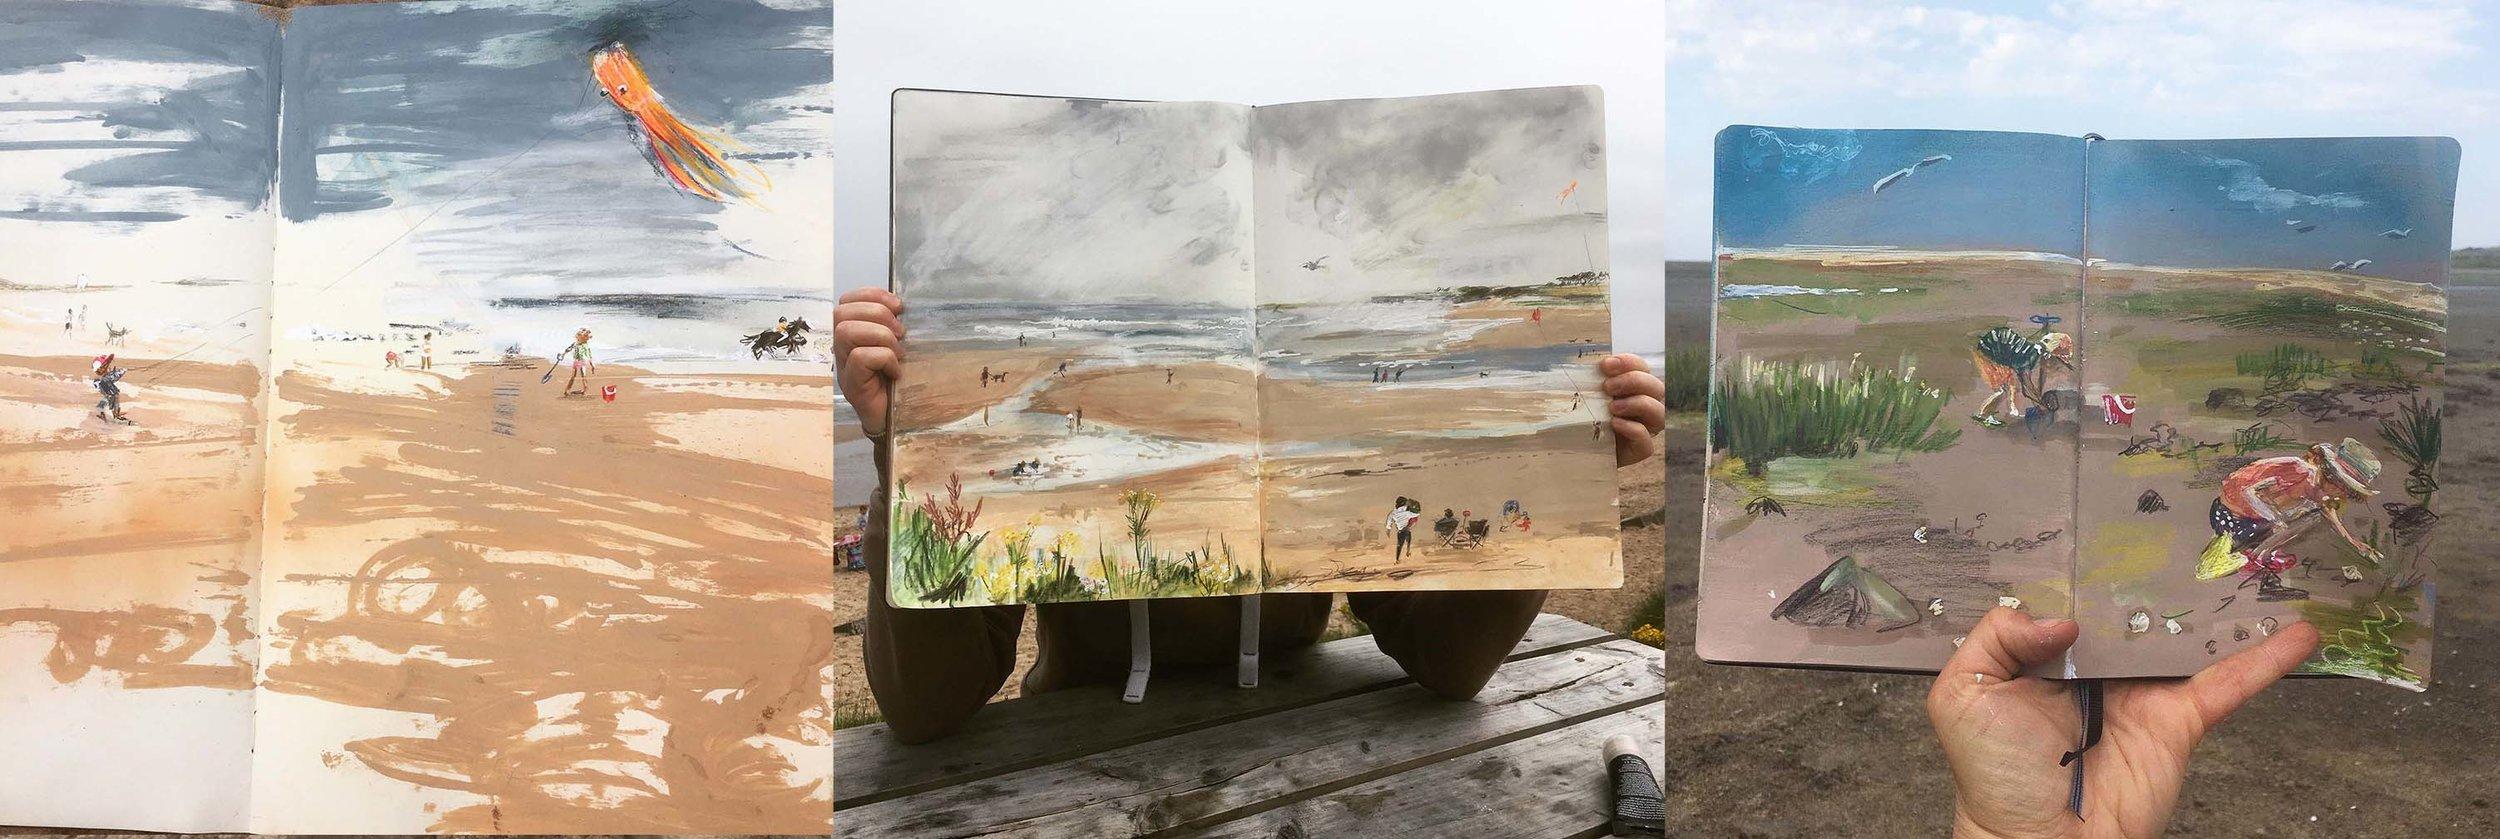 JB_sketchbook_beaches.jpg